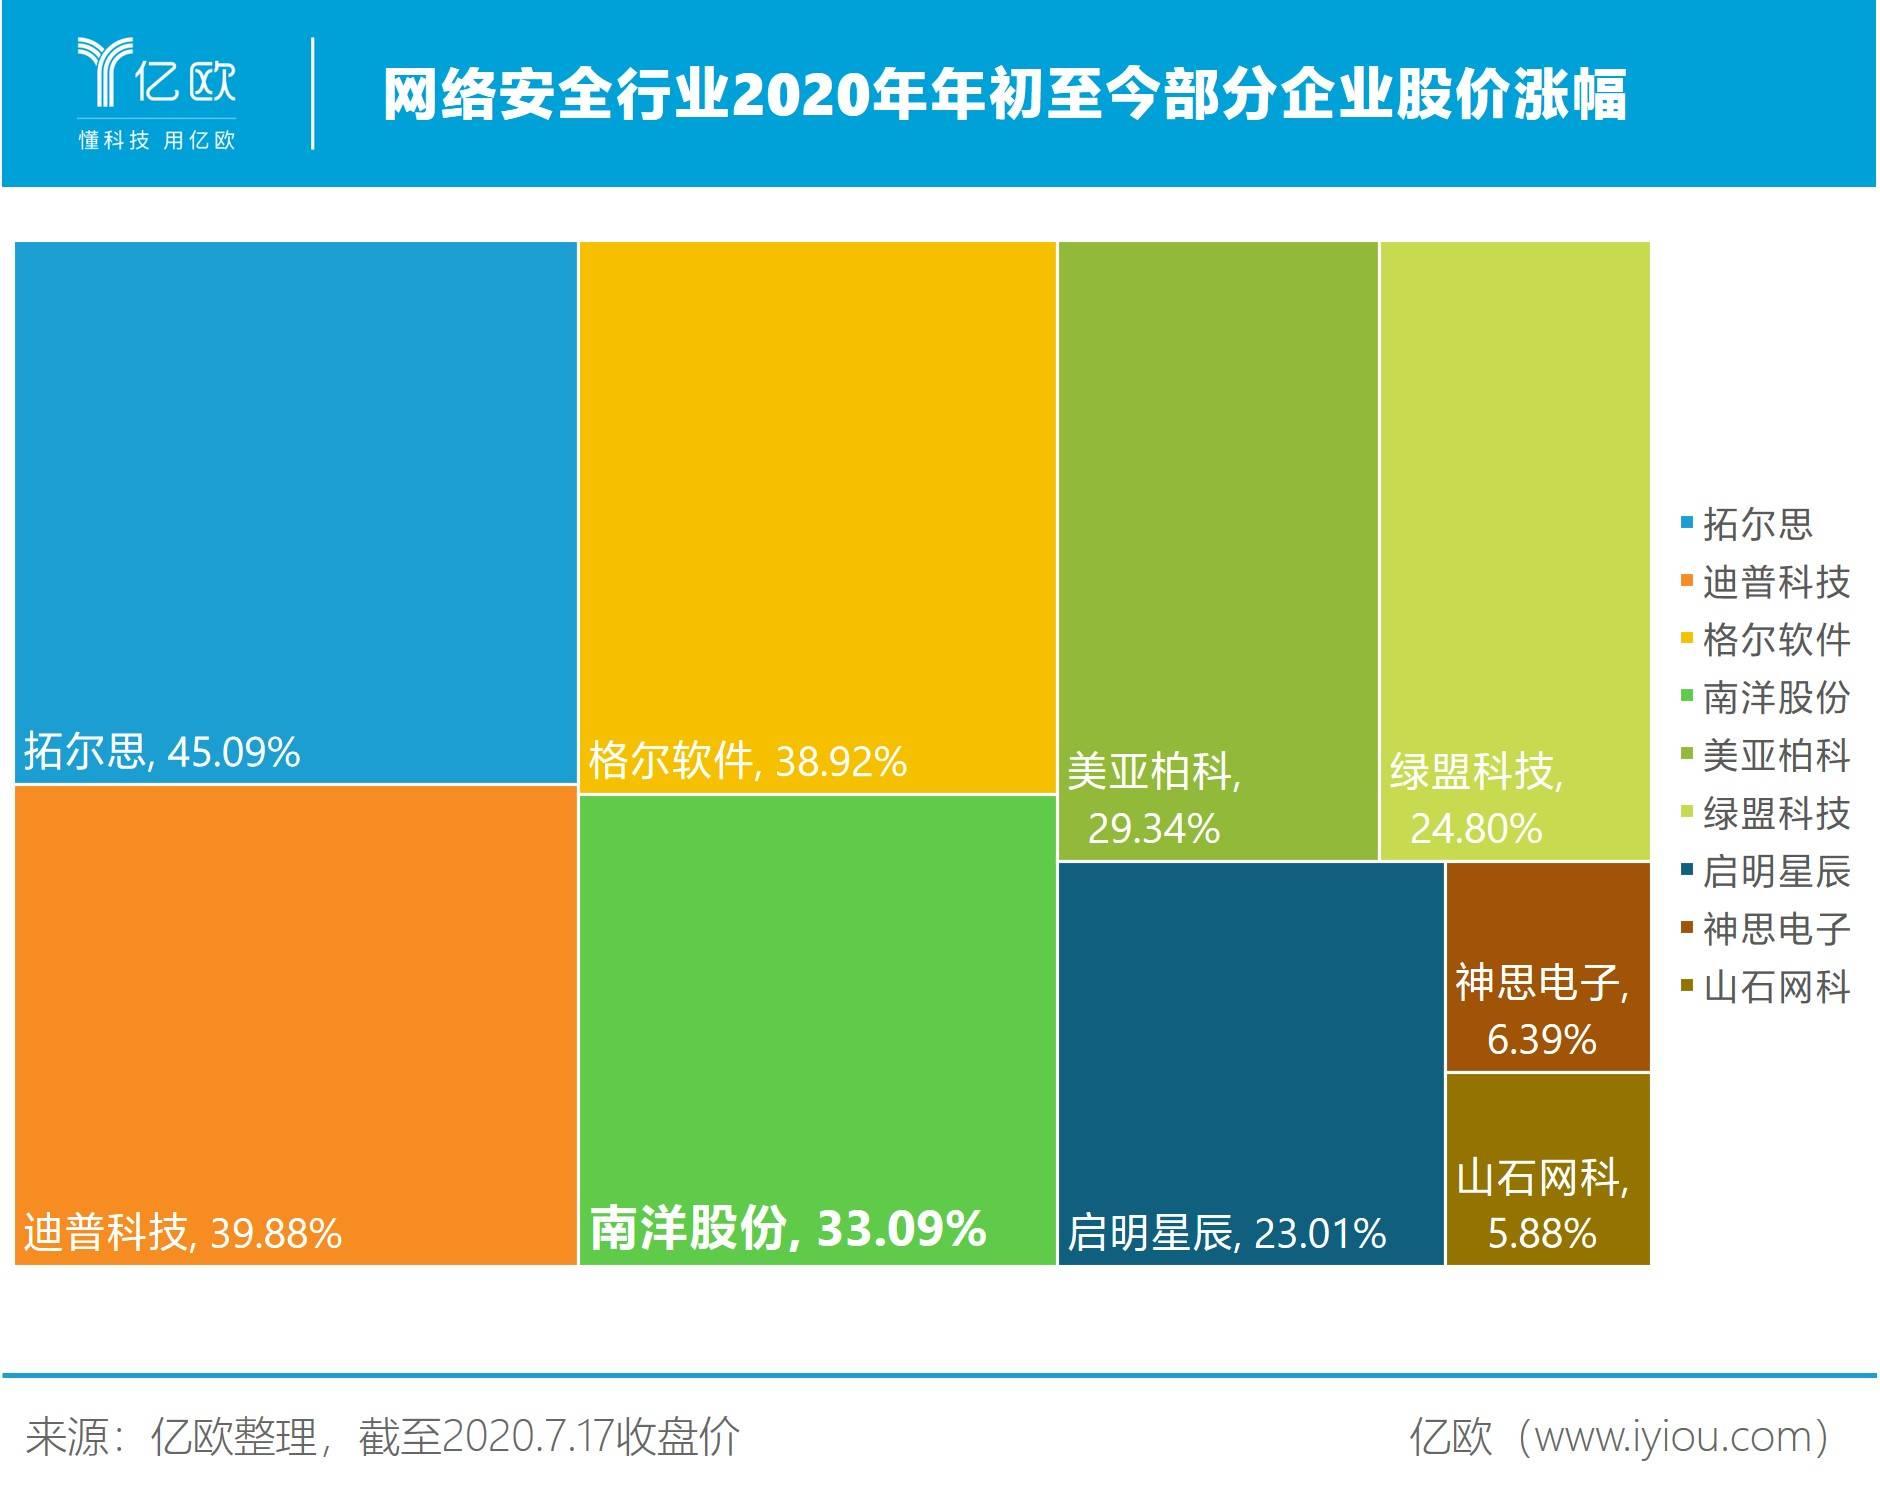 网络安全行业2020年年初至今部分企业股价涨幅